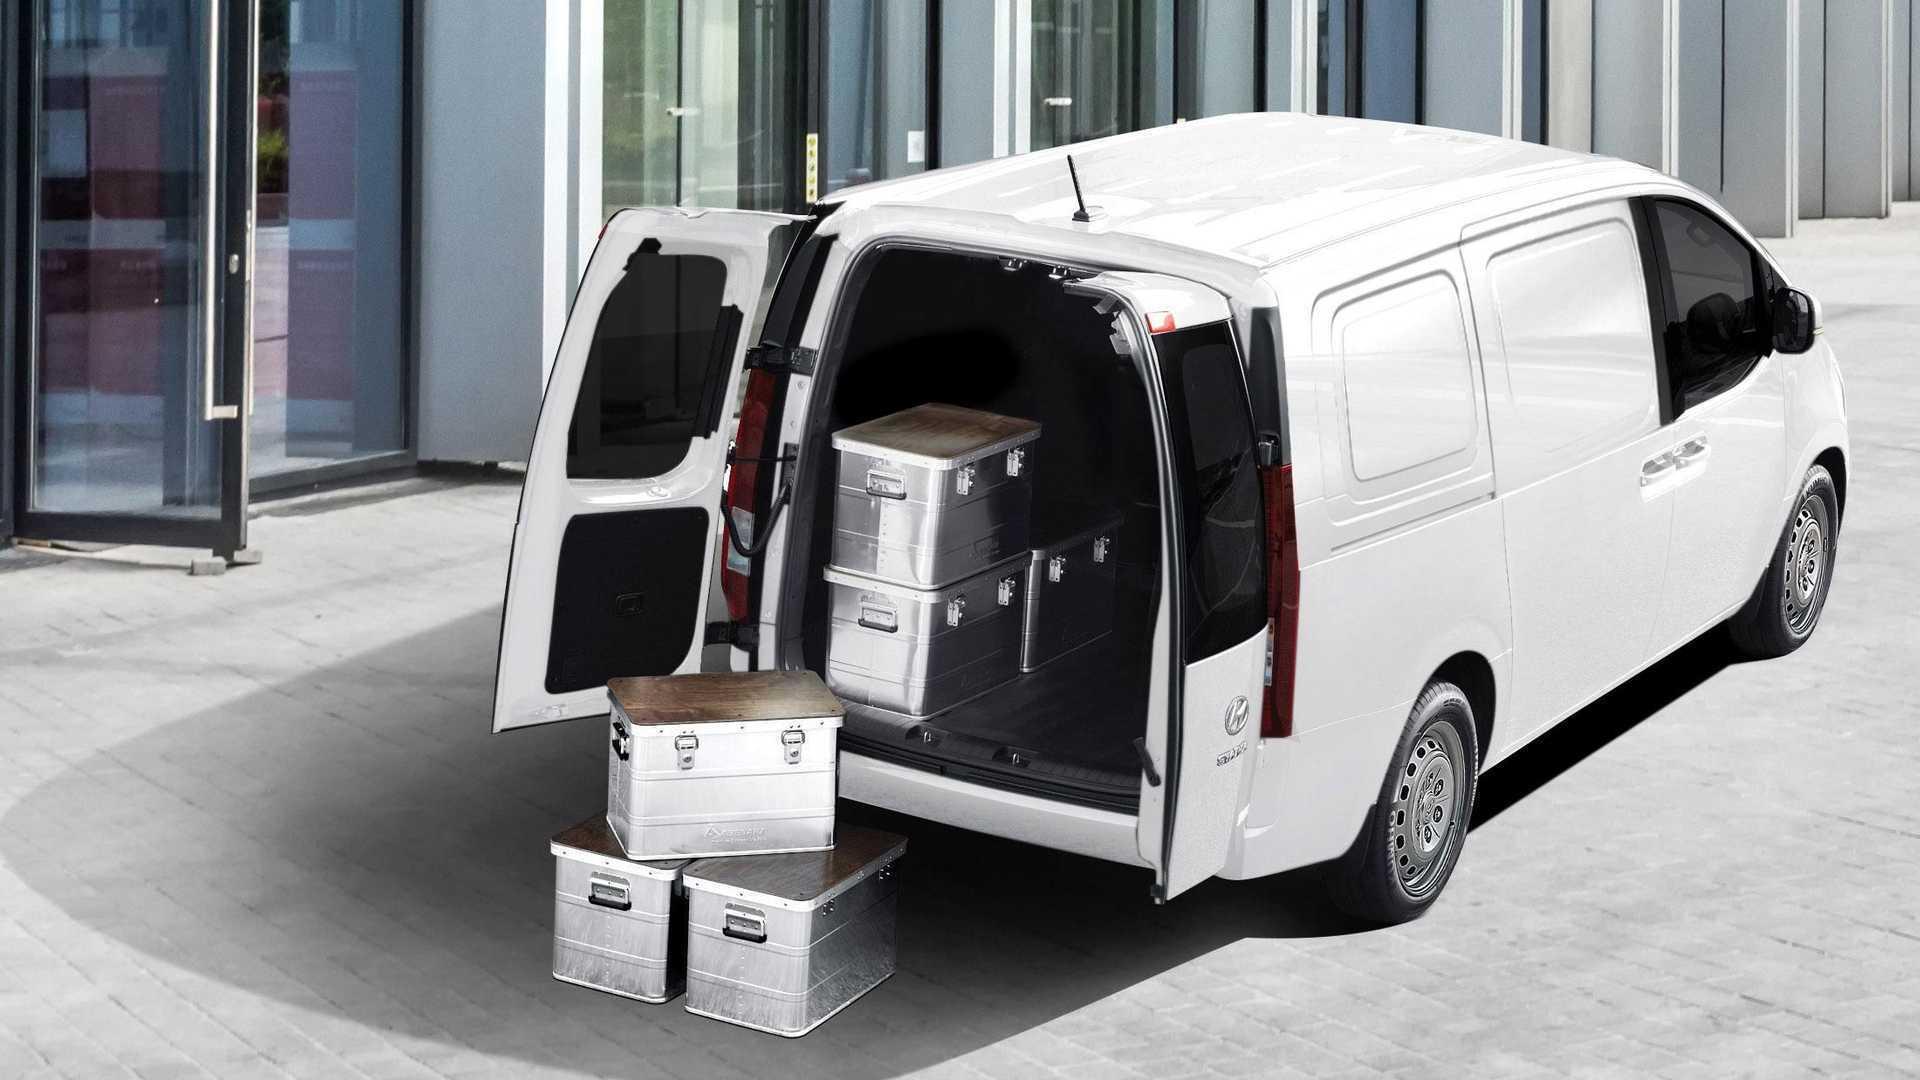 По словам создателей, автомобиль может перевозить до трех европаллет, а суммарная емкость багажного отделения достигает 4935 литров